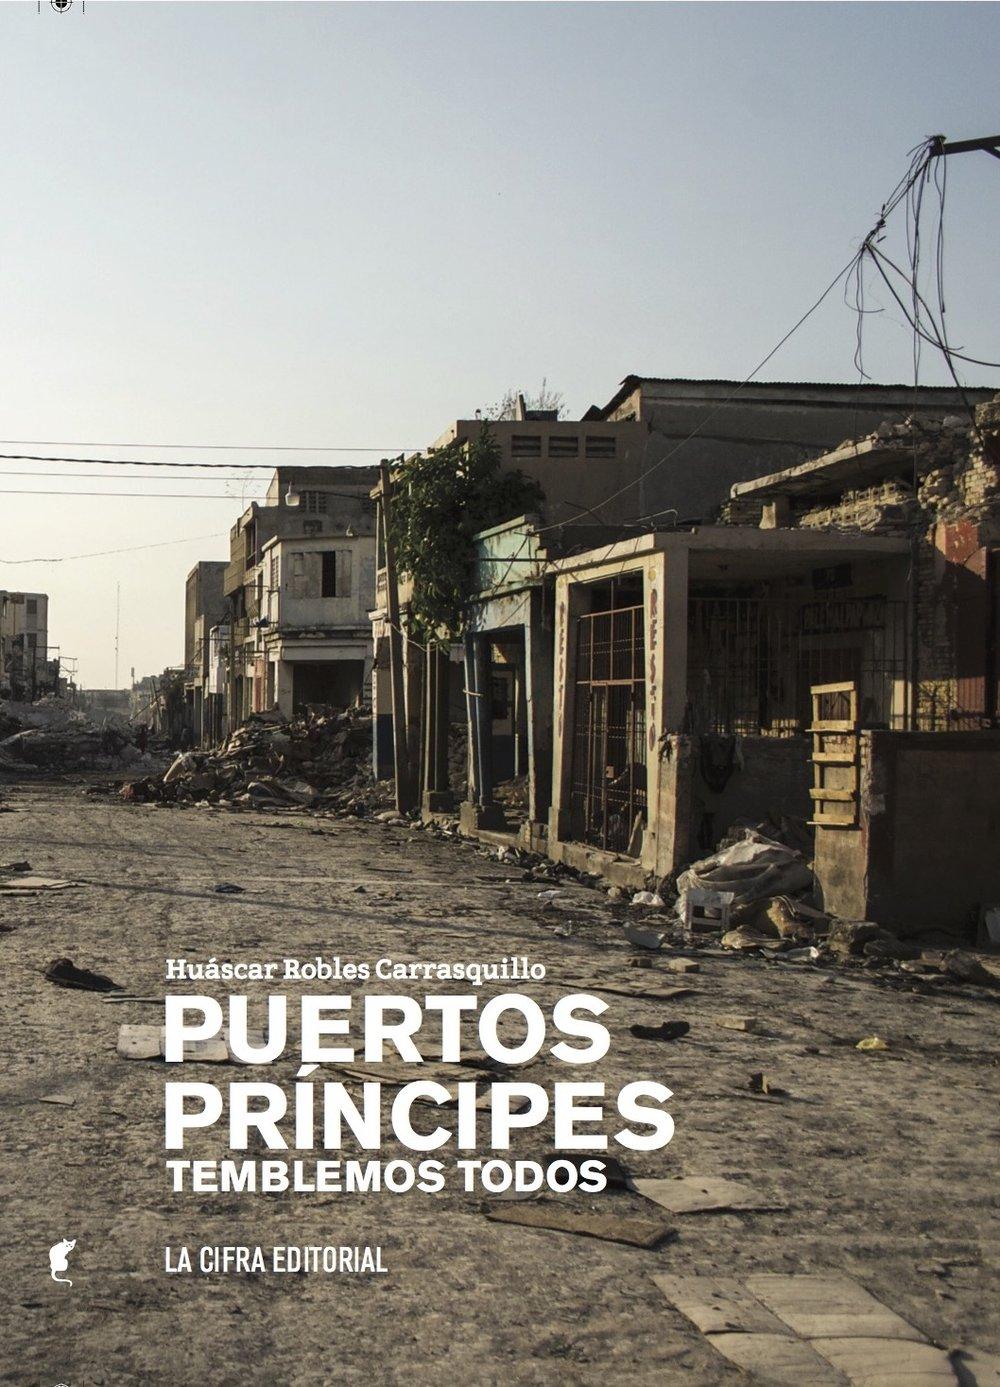 forros puertos principes  solo.jpg